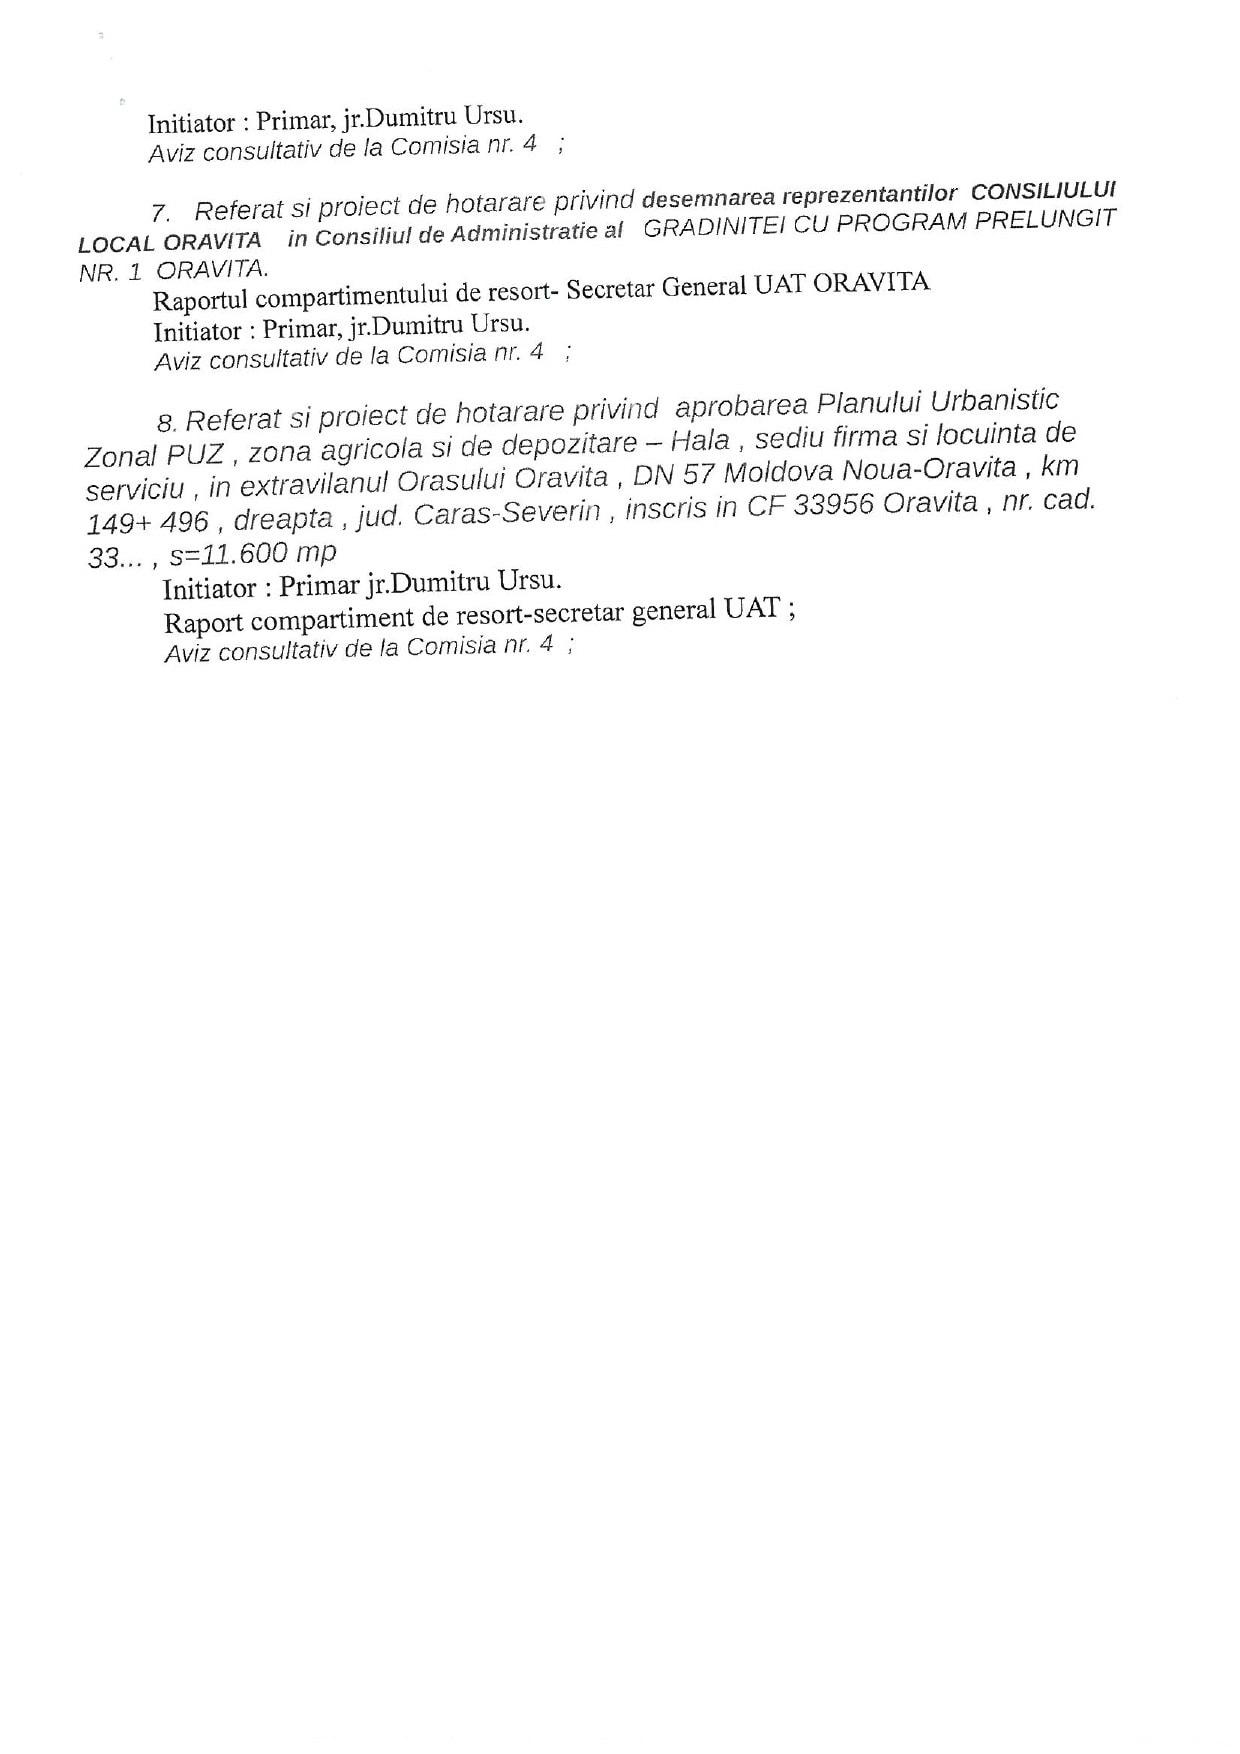 dispozitie convocare clo sedinta extraordinara din data de 28.09.2021 materiale de sedinta page 0003